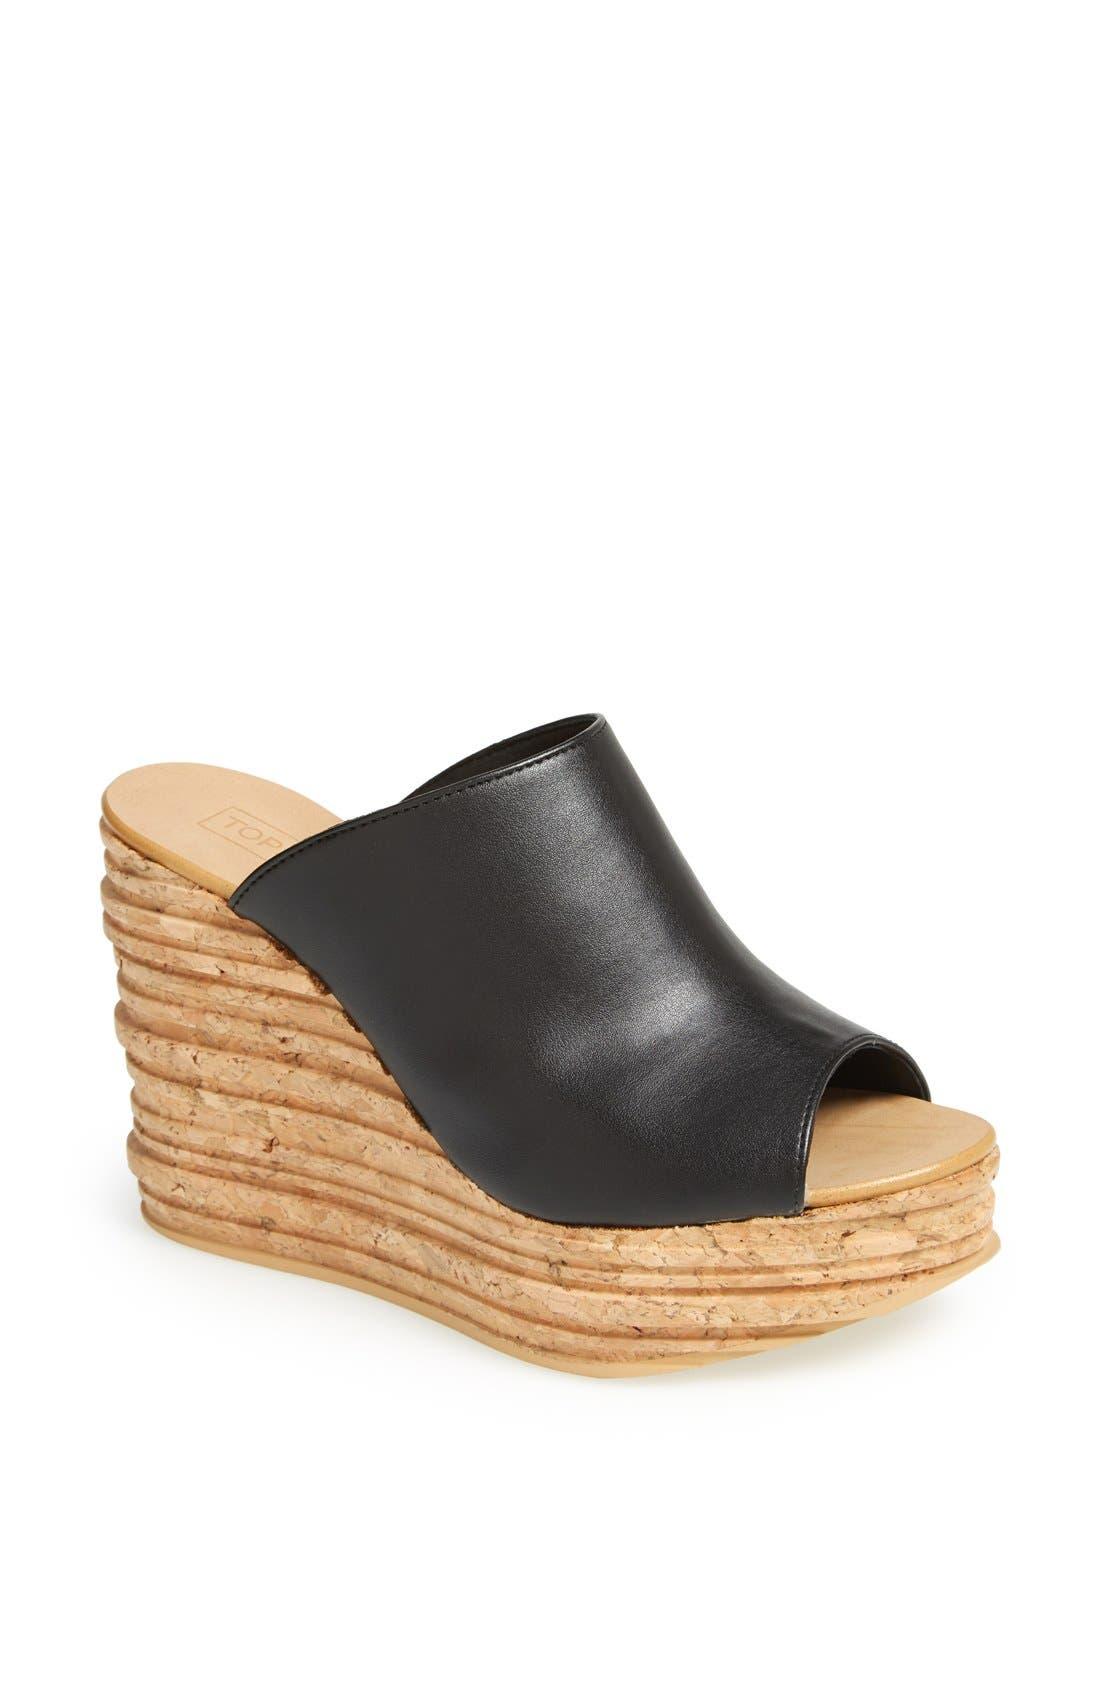 Alternate Image 1 Selected - Topshop 'Walnut' Wedge Mule Sandal